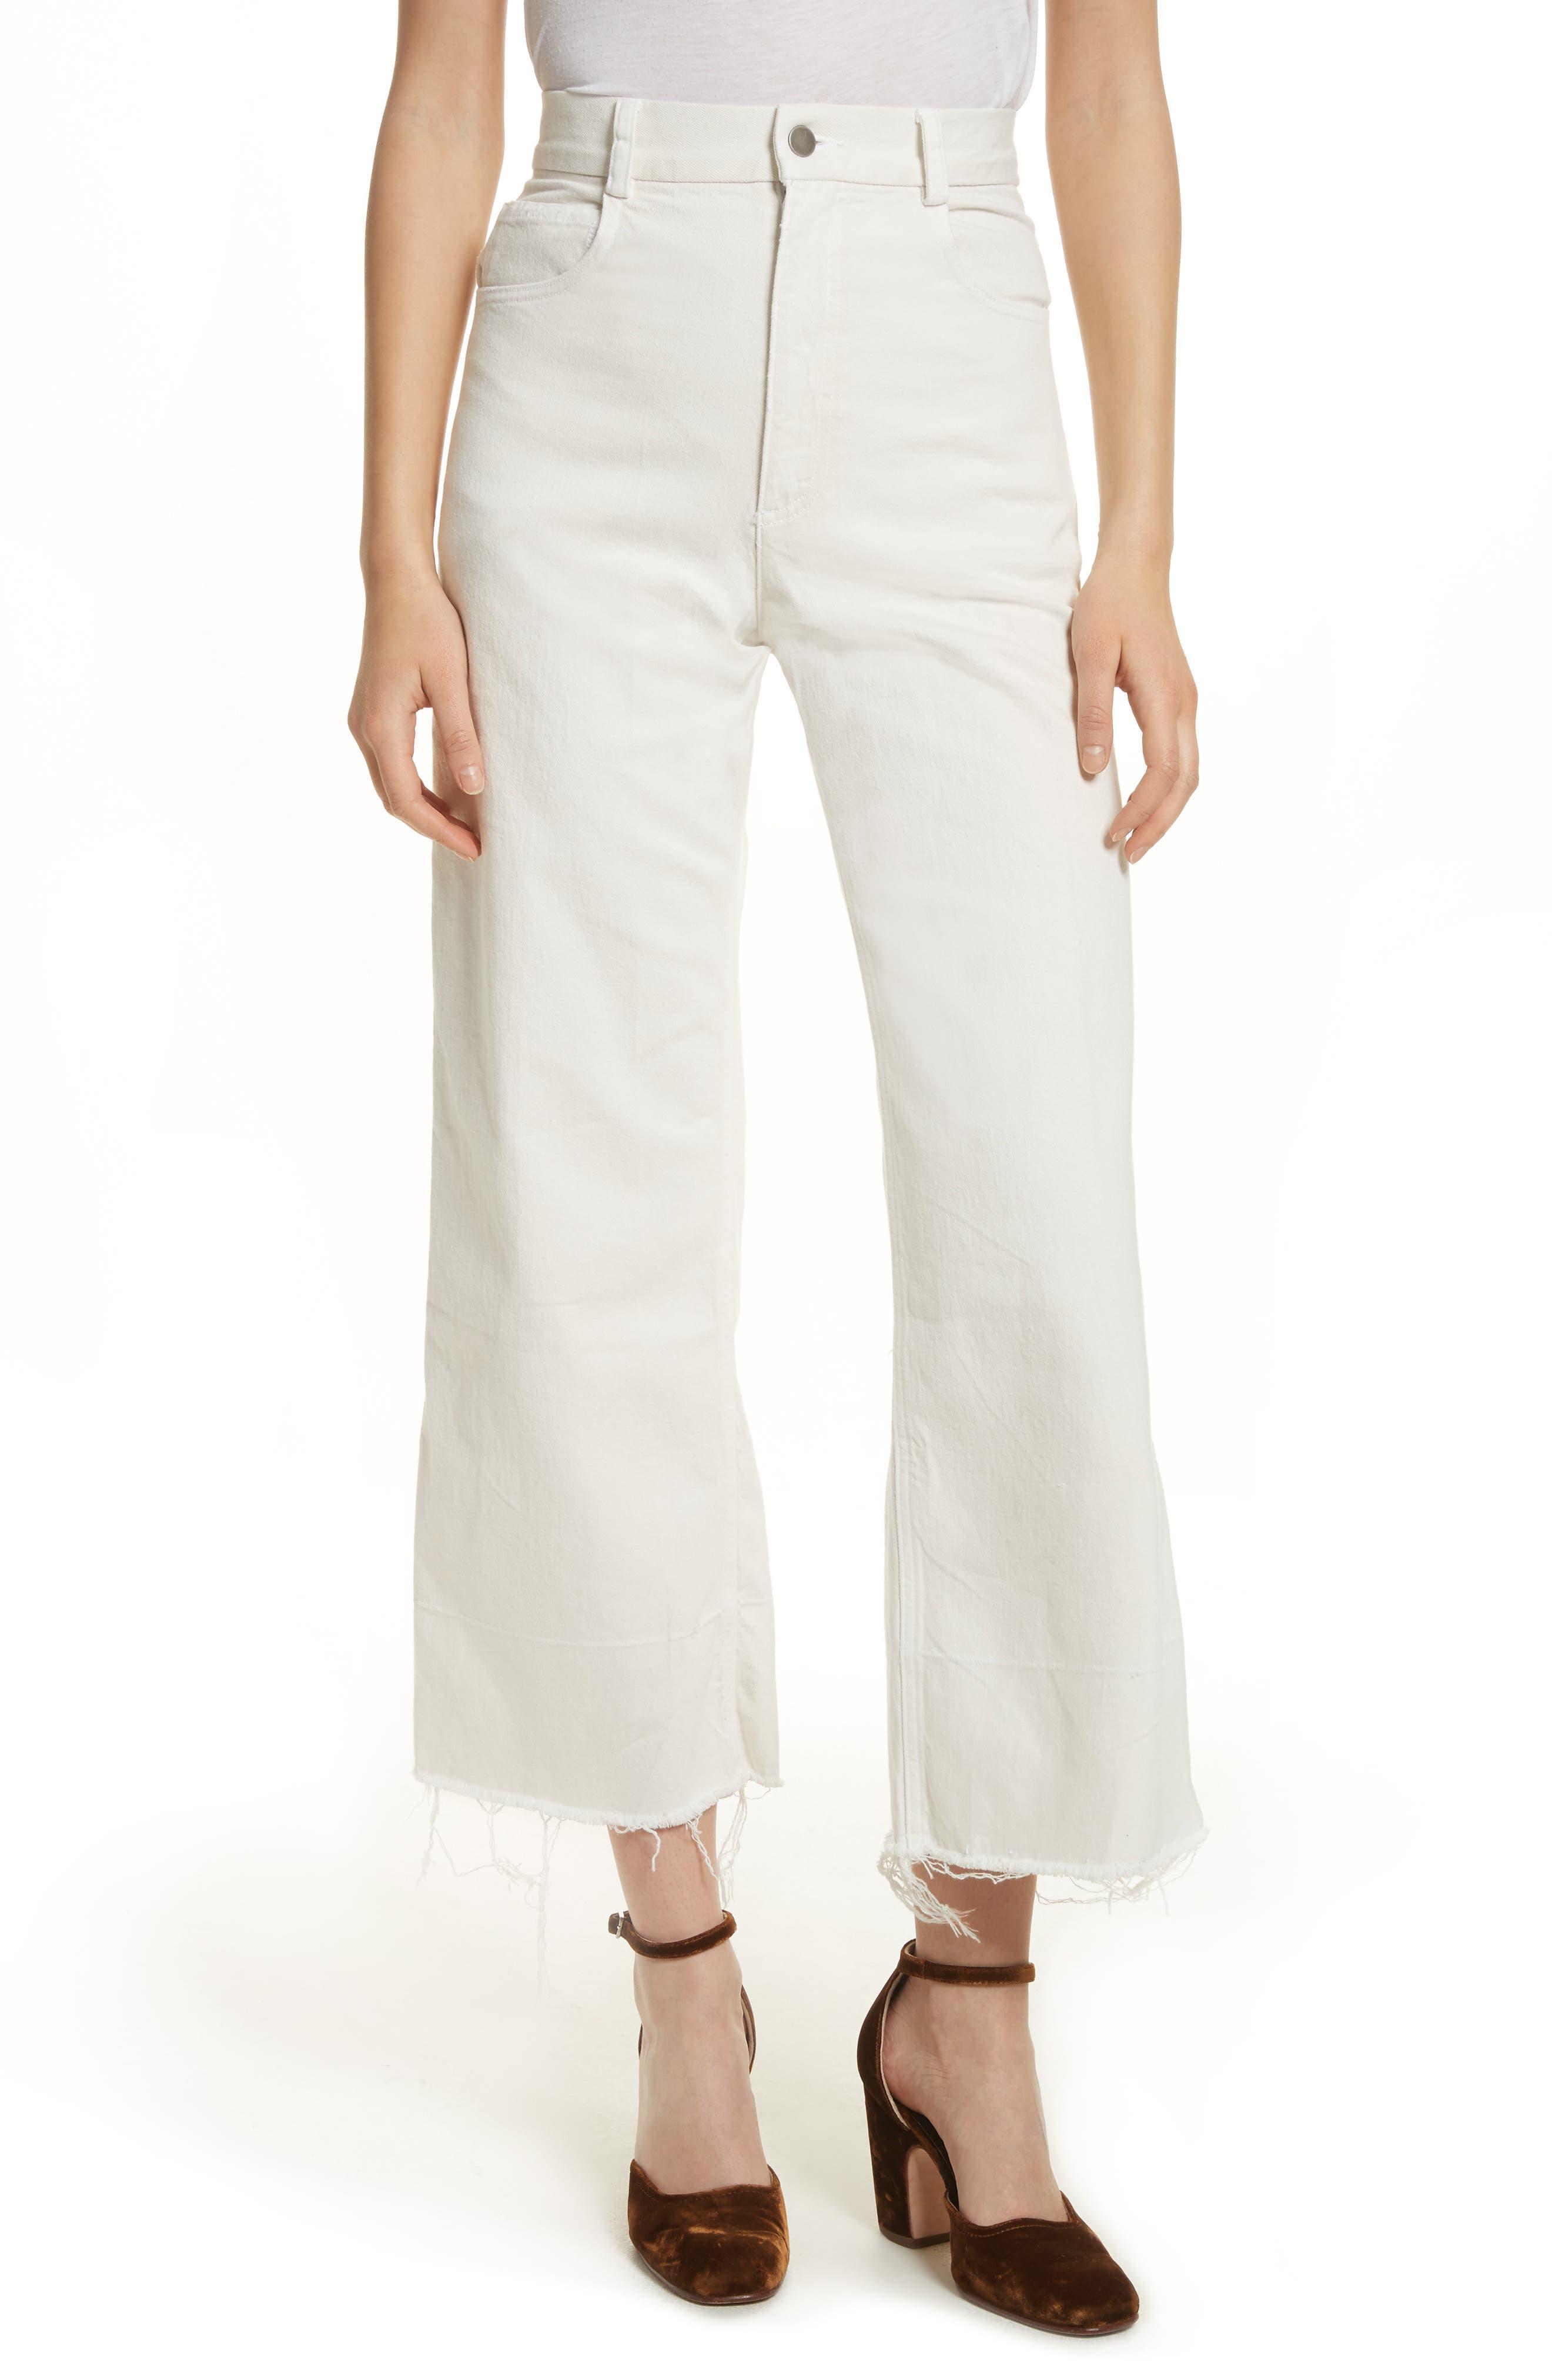 Rachey Comey Legion Crop Wide Leg Pants (size 8)